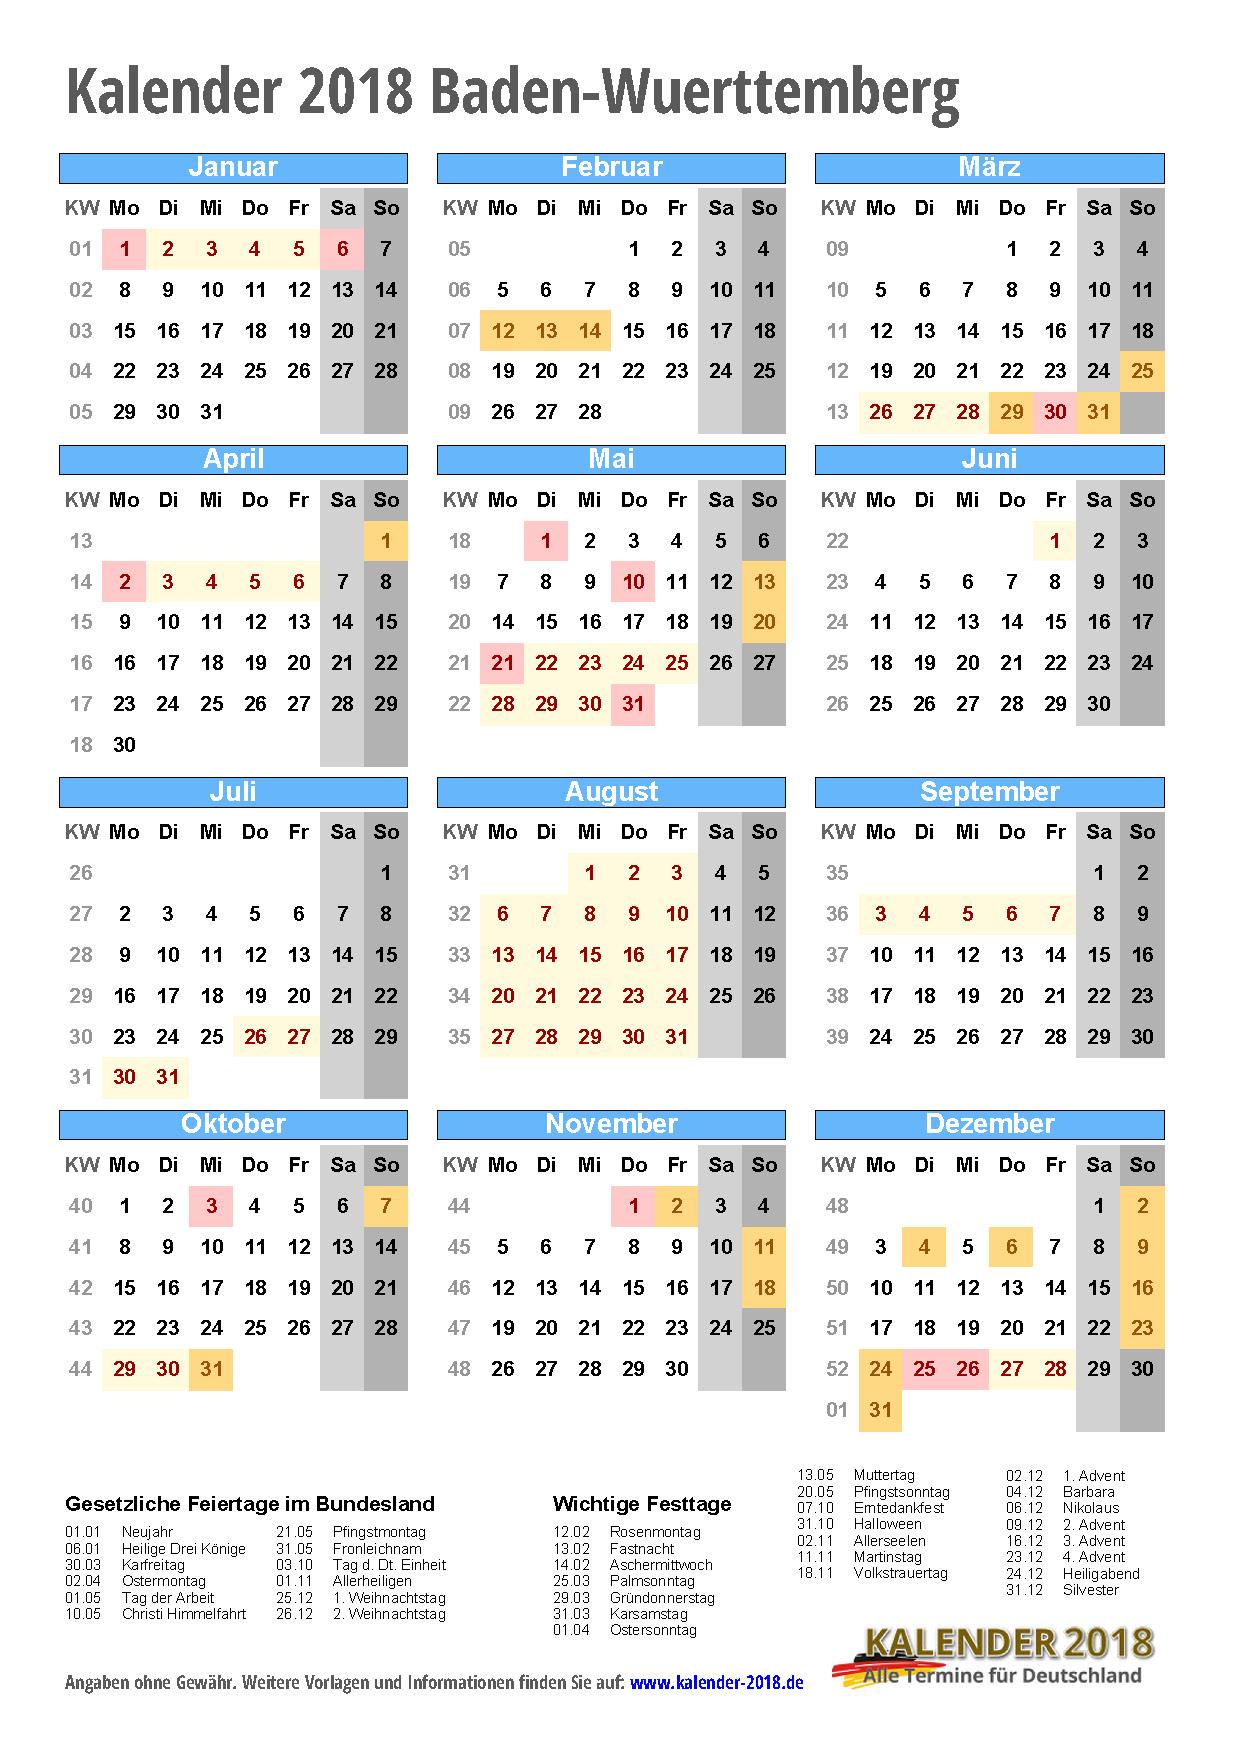 kalender 2018 baden w rttemberg zum ausdrucken kalender 2018. Black Bedroom Furniture Sets. Home Design Ideas